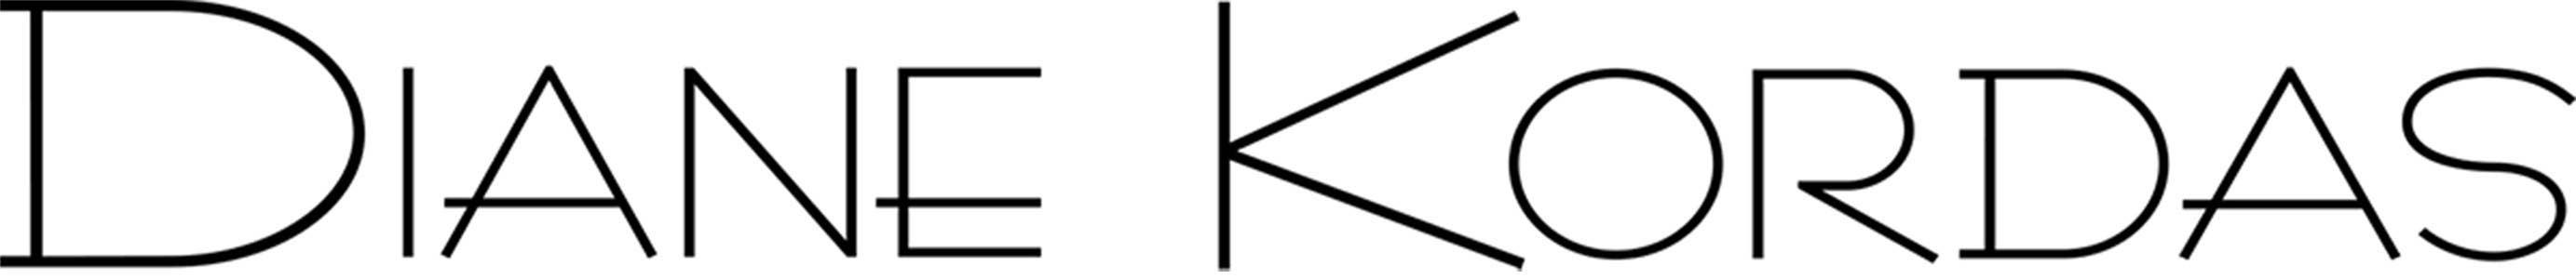 Diane-Kordas-Logo